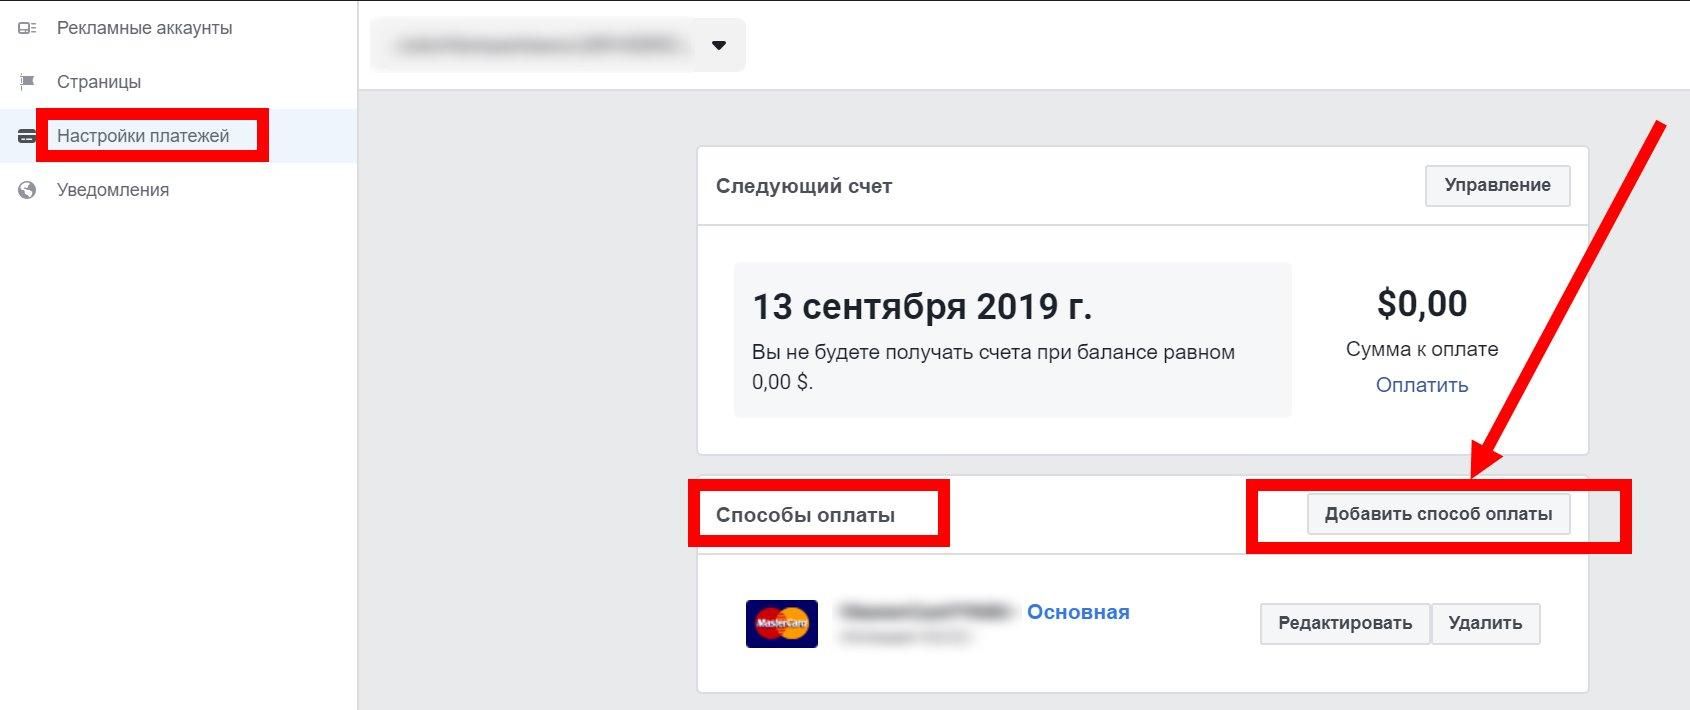 FB_kak-otviazat-karty7.jpg